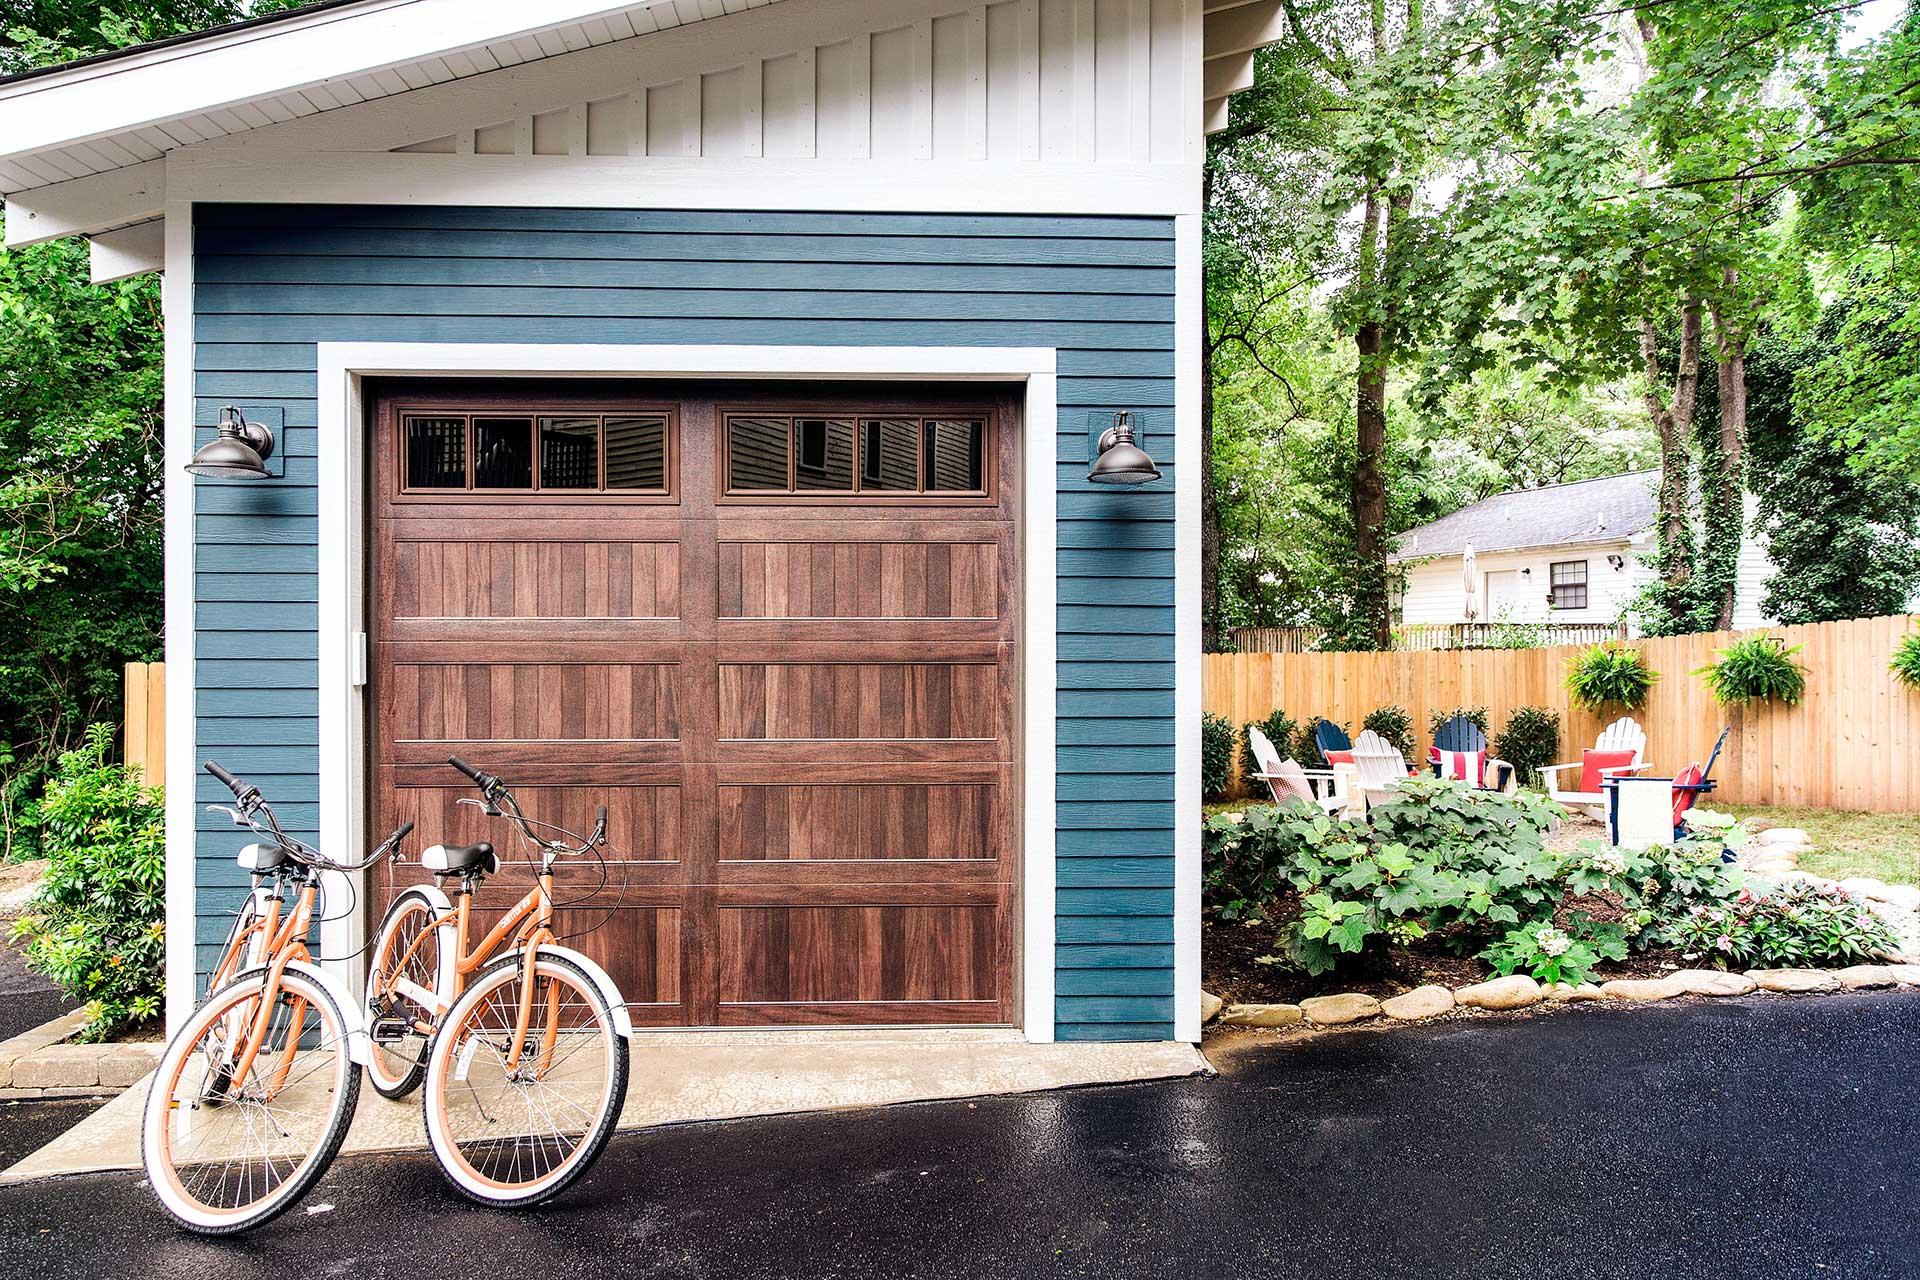 https://opendoorarchitecture.com/wp-content/uploads/2020/07/16_HGTV-Urban-Oasis-2017-Garage-with-Door-Closed.jpg